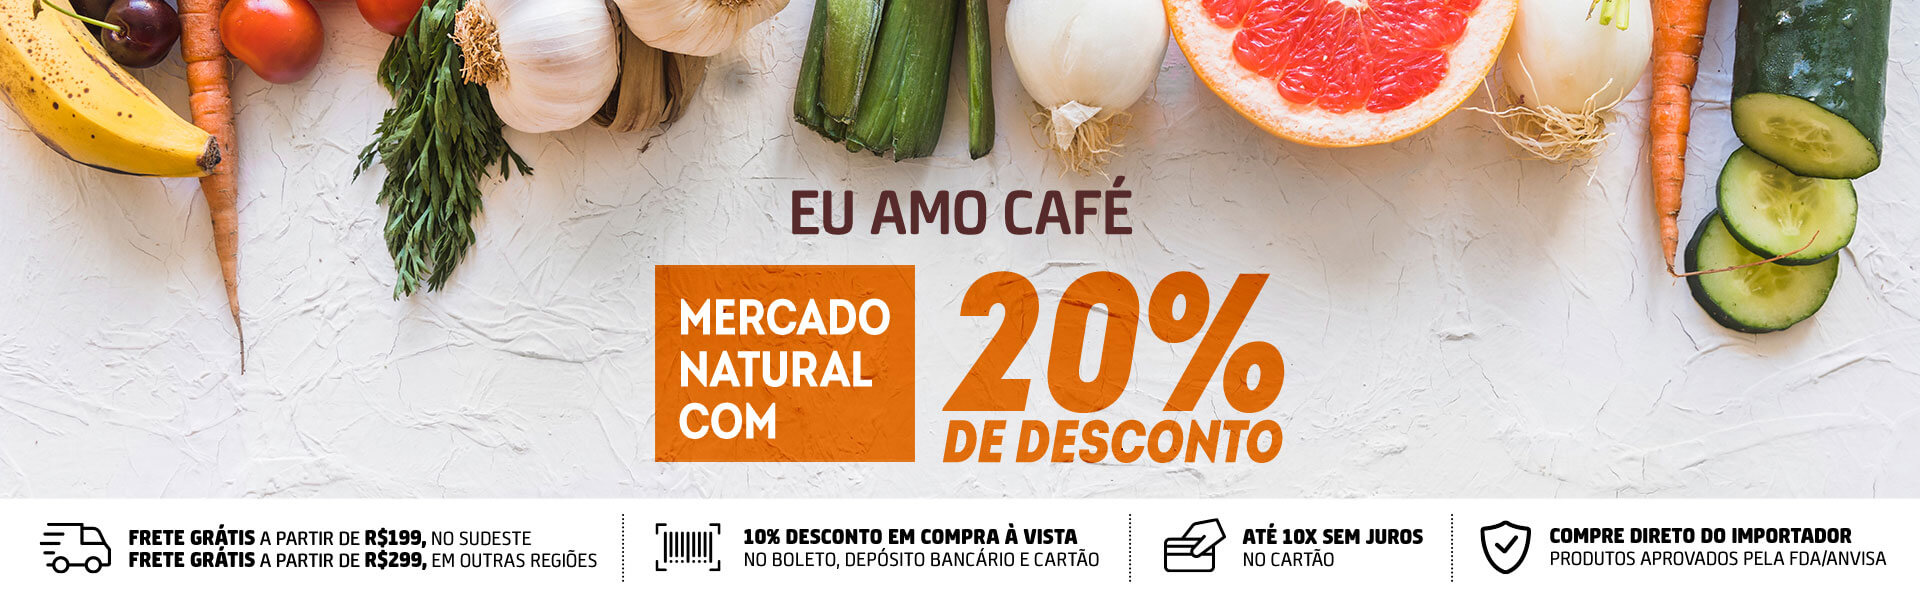 Mercado Natural